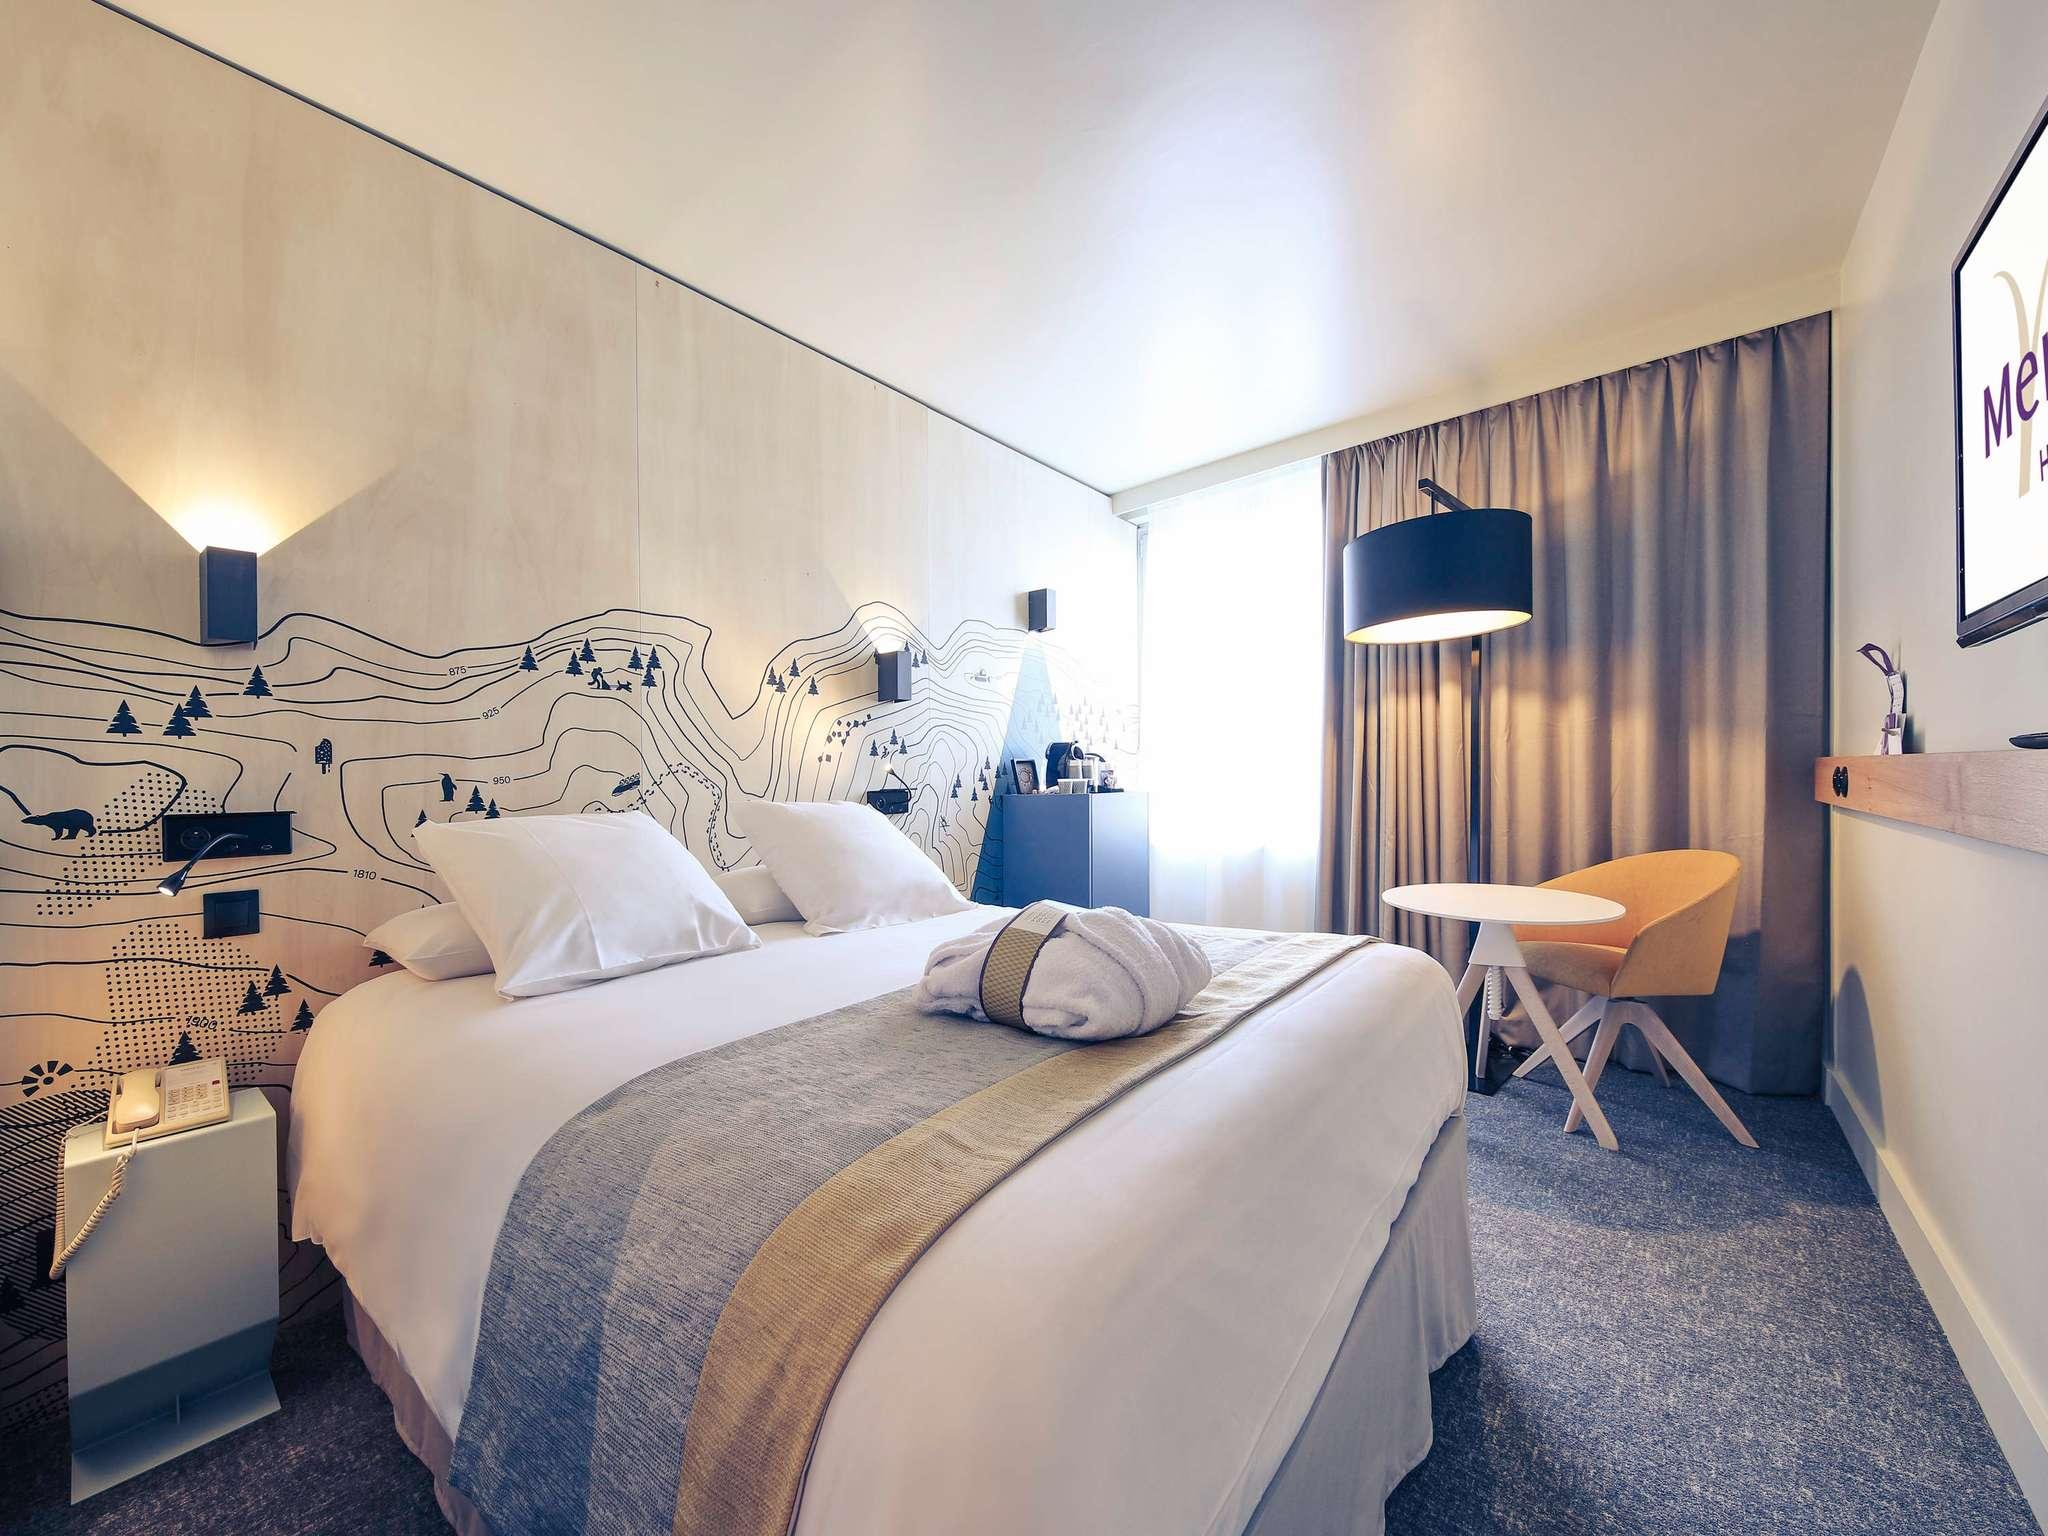 โรงแรม – Hôtel Mercure Grenoble Centre Alpotel